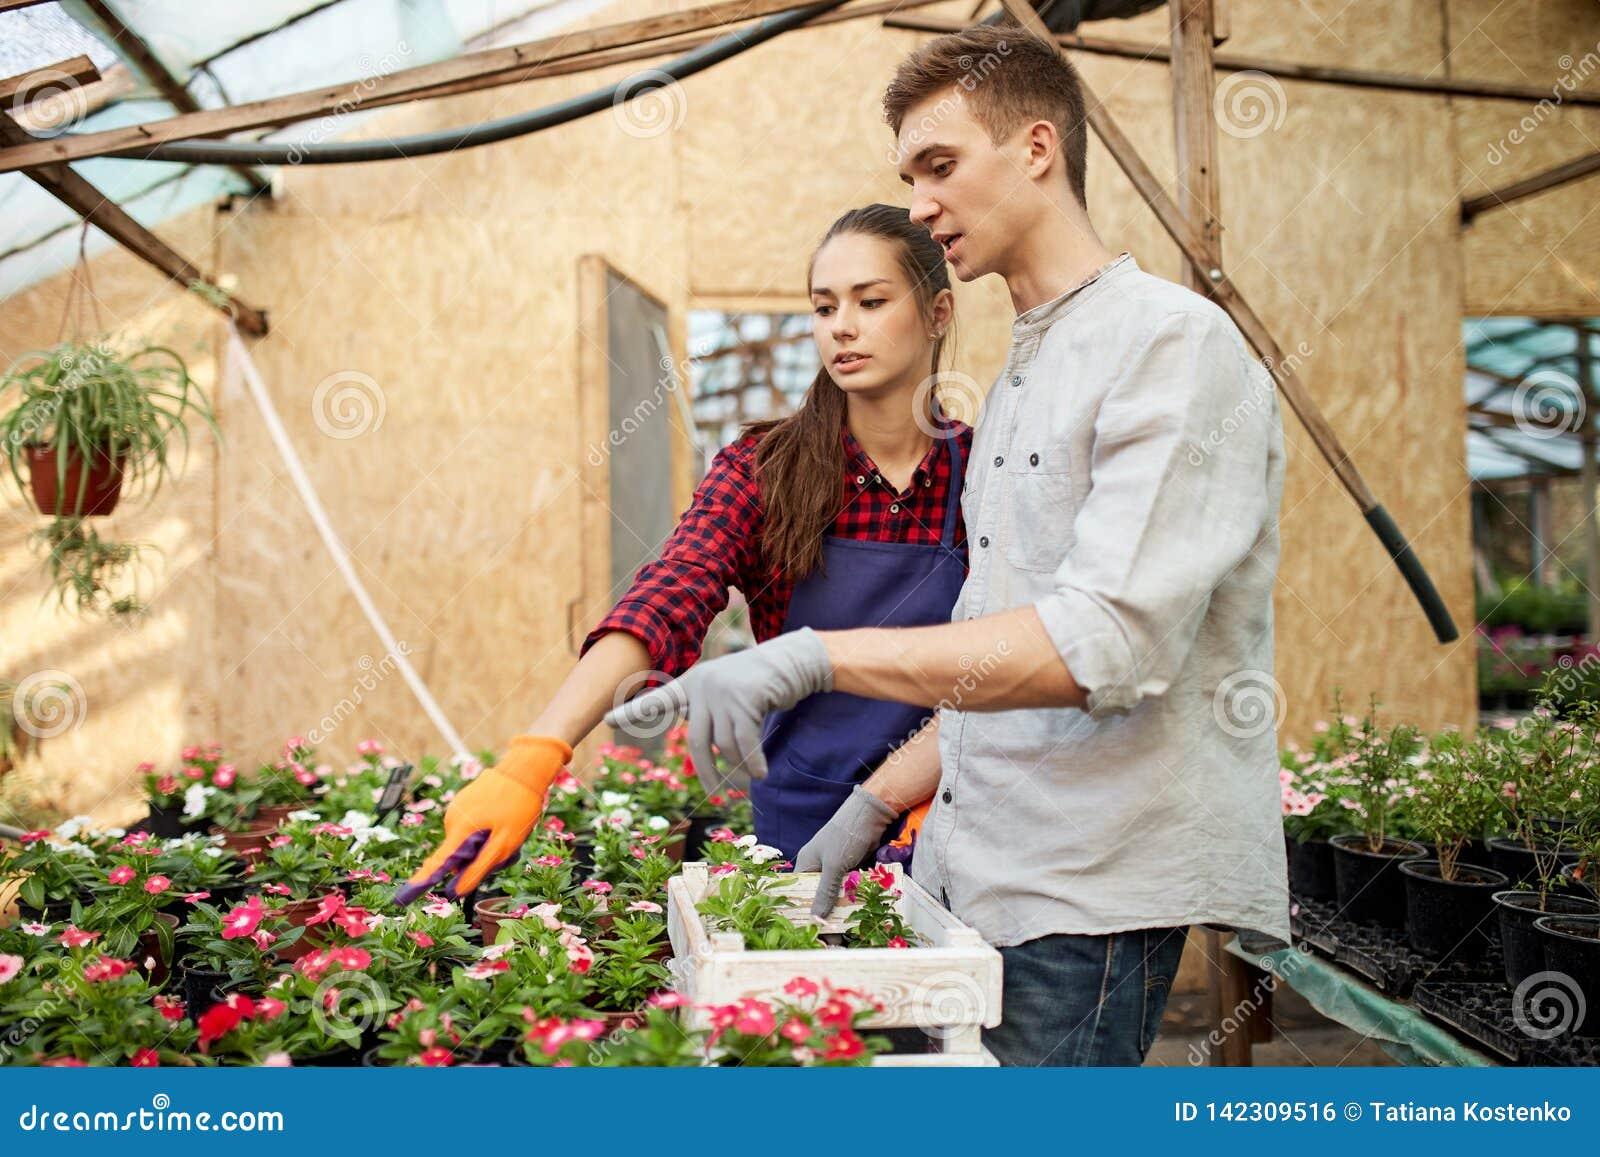 Faceta i dziewczyny ogrodniczki wybierają garnki z kwiat rozsadami w szklarni na słonecznym dniu